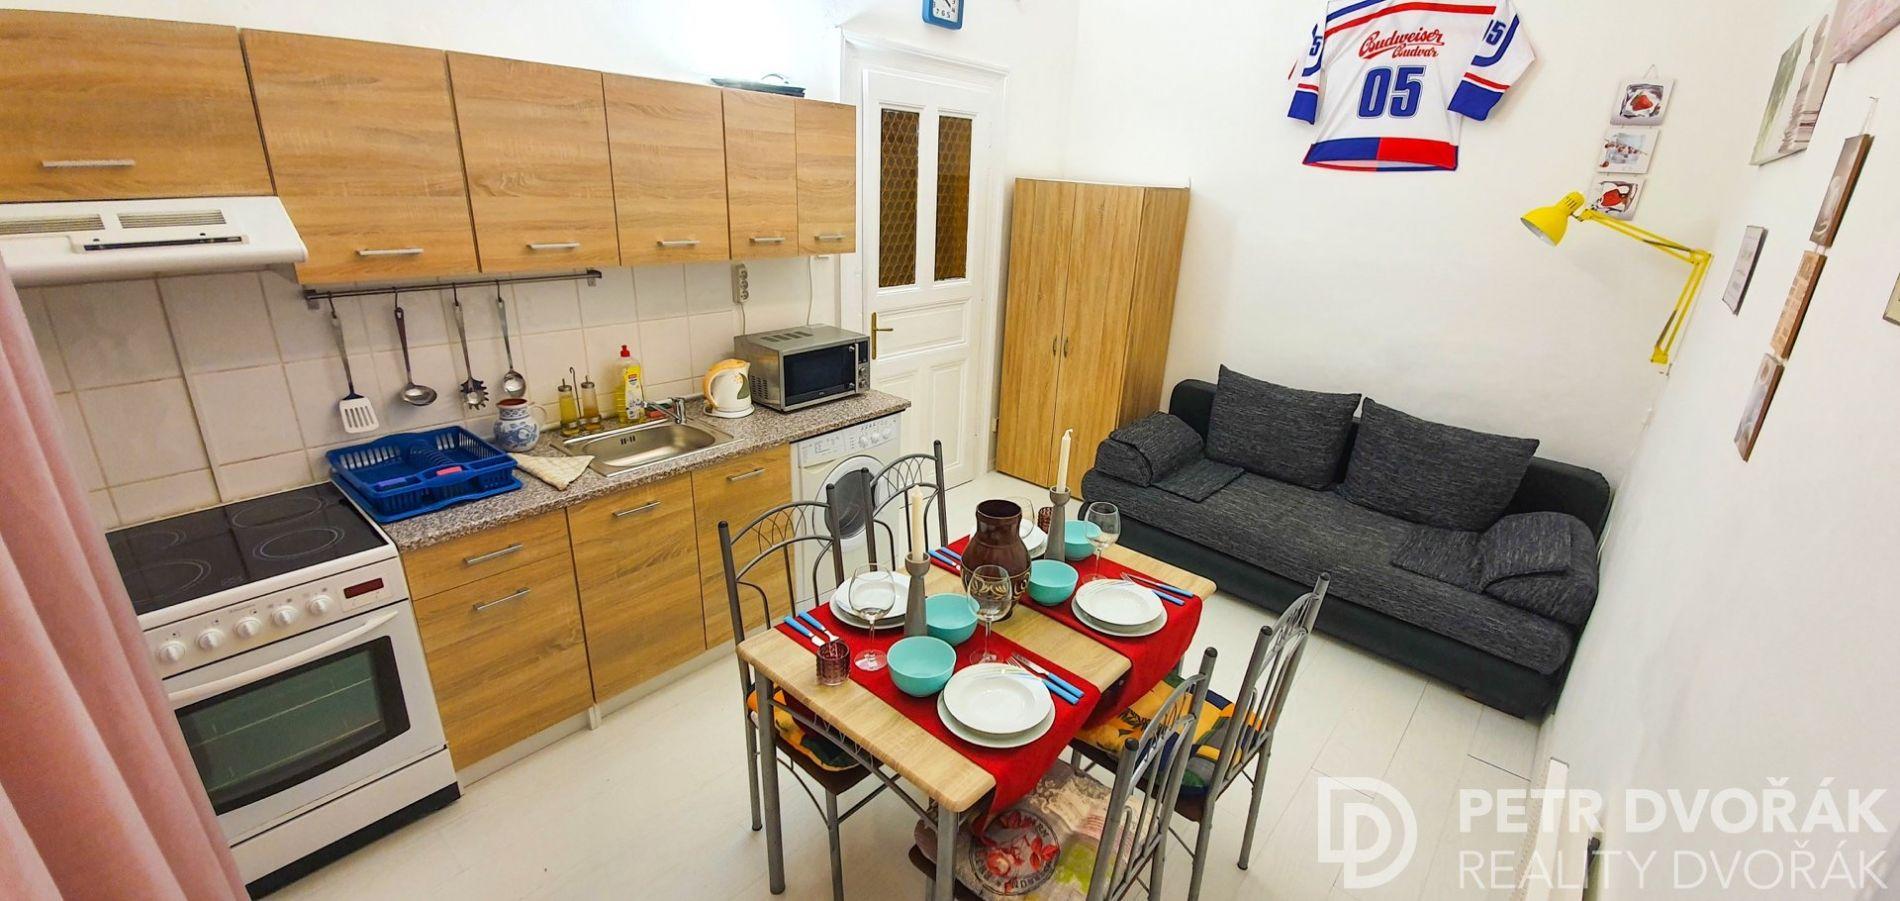 Prodej bytu 2+kk 46 m2, Chelčického, Praha 3 - Žižkov